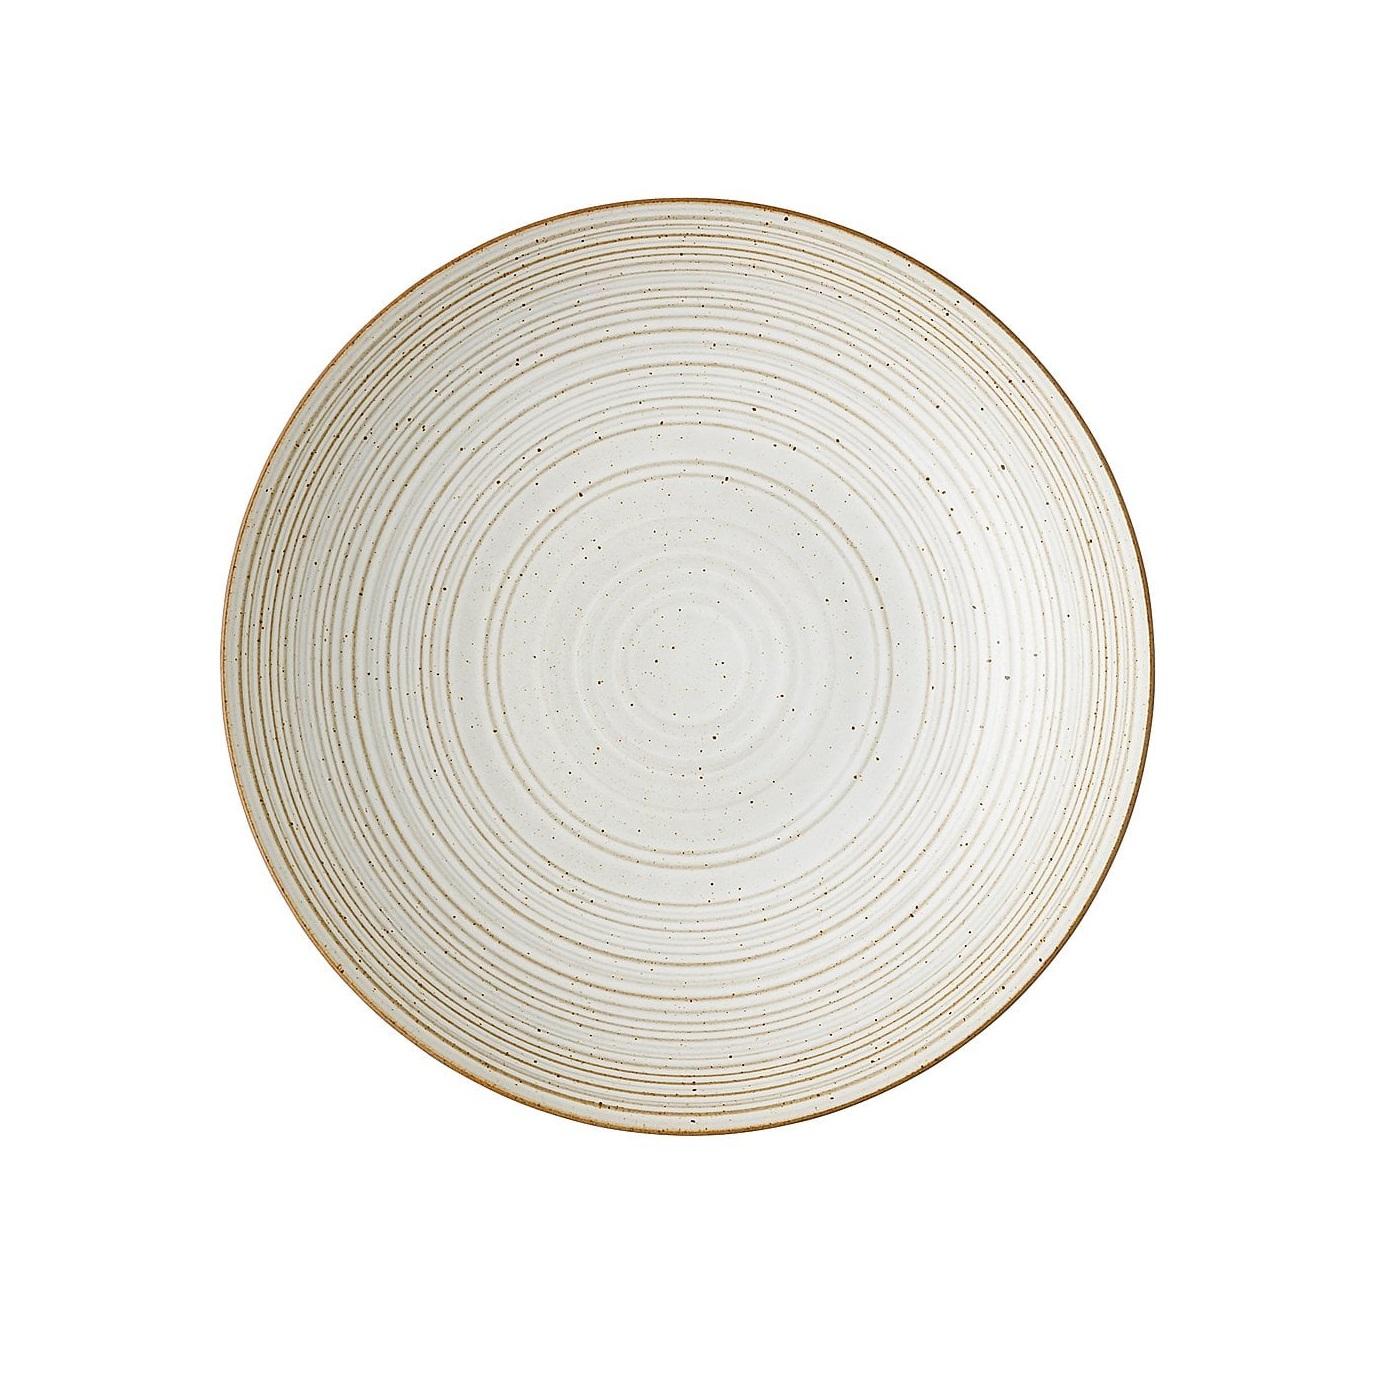 Онлайн каталог PROMENU: Тарелка глубокая керамическая Thomas Nature, диаметр 23 см, белый                               21730-227070-60323